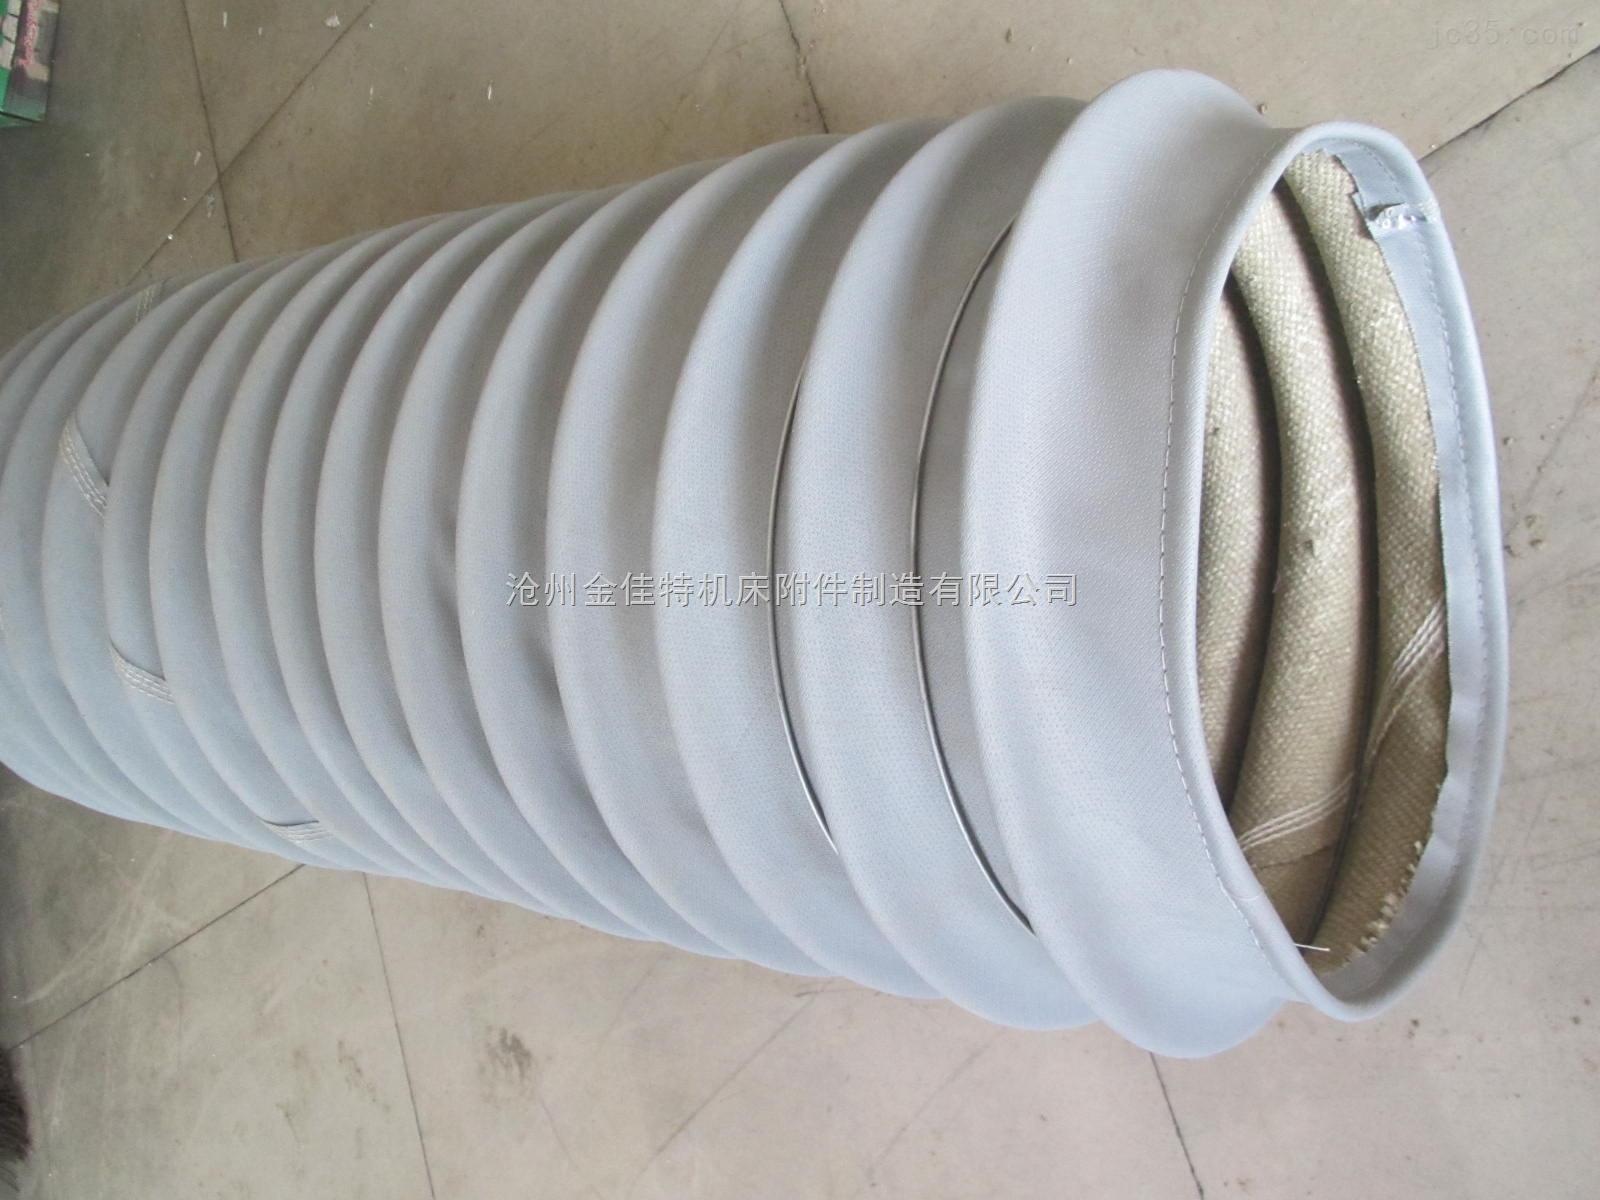 圆形耐高温油缸防尘罩 福建耐高温油缸防尘套